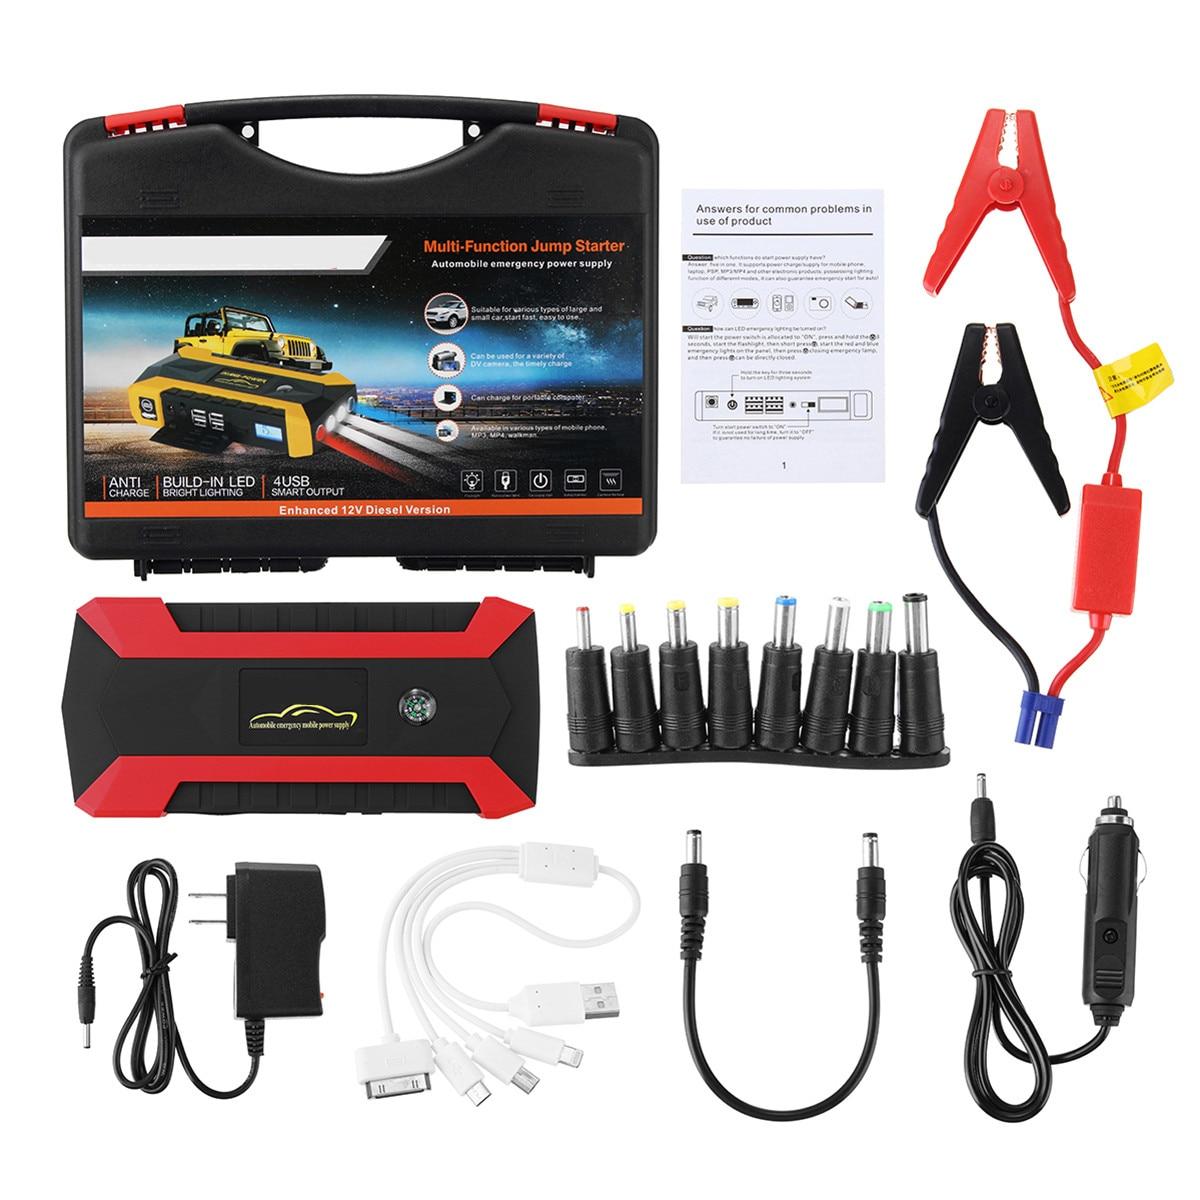 Kit de batterie externe de chargeur de propulseur de paquet de démarreur de saut de voiture de 89800 mAh 12 V 4USB